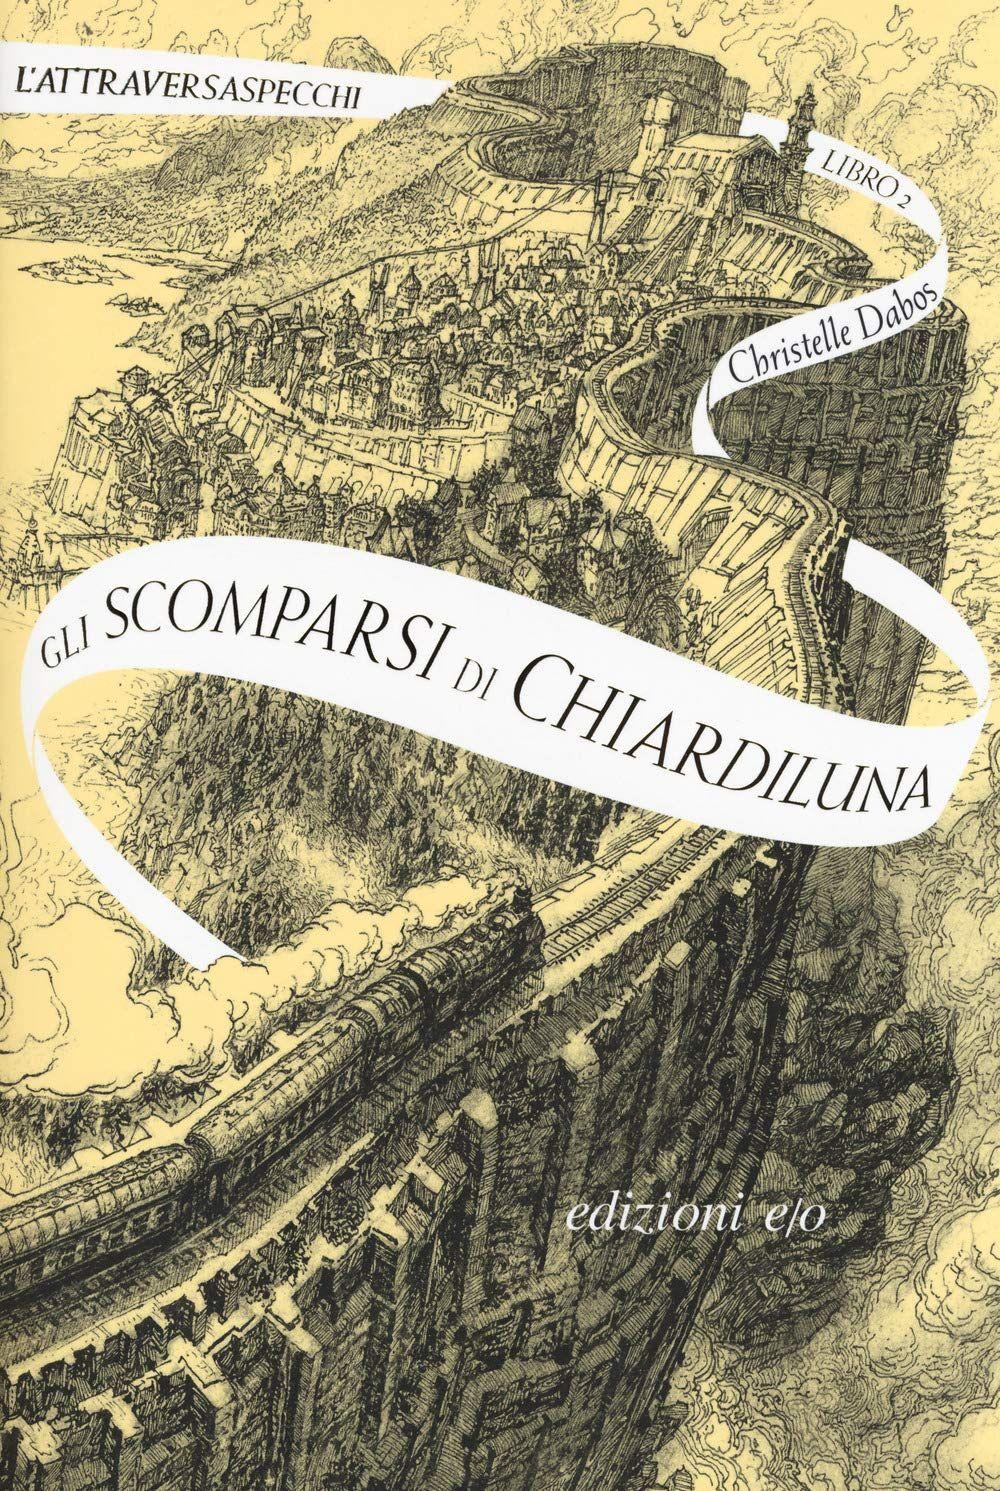 Leggere l'Attraversaspecchi in un giorno e una notte – Episodio 2: Gli scomparsi di Chiardiluna